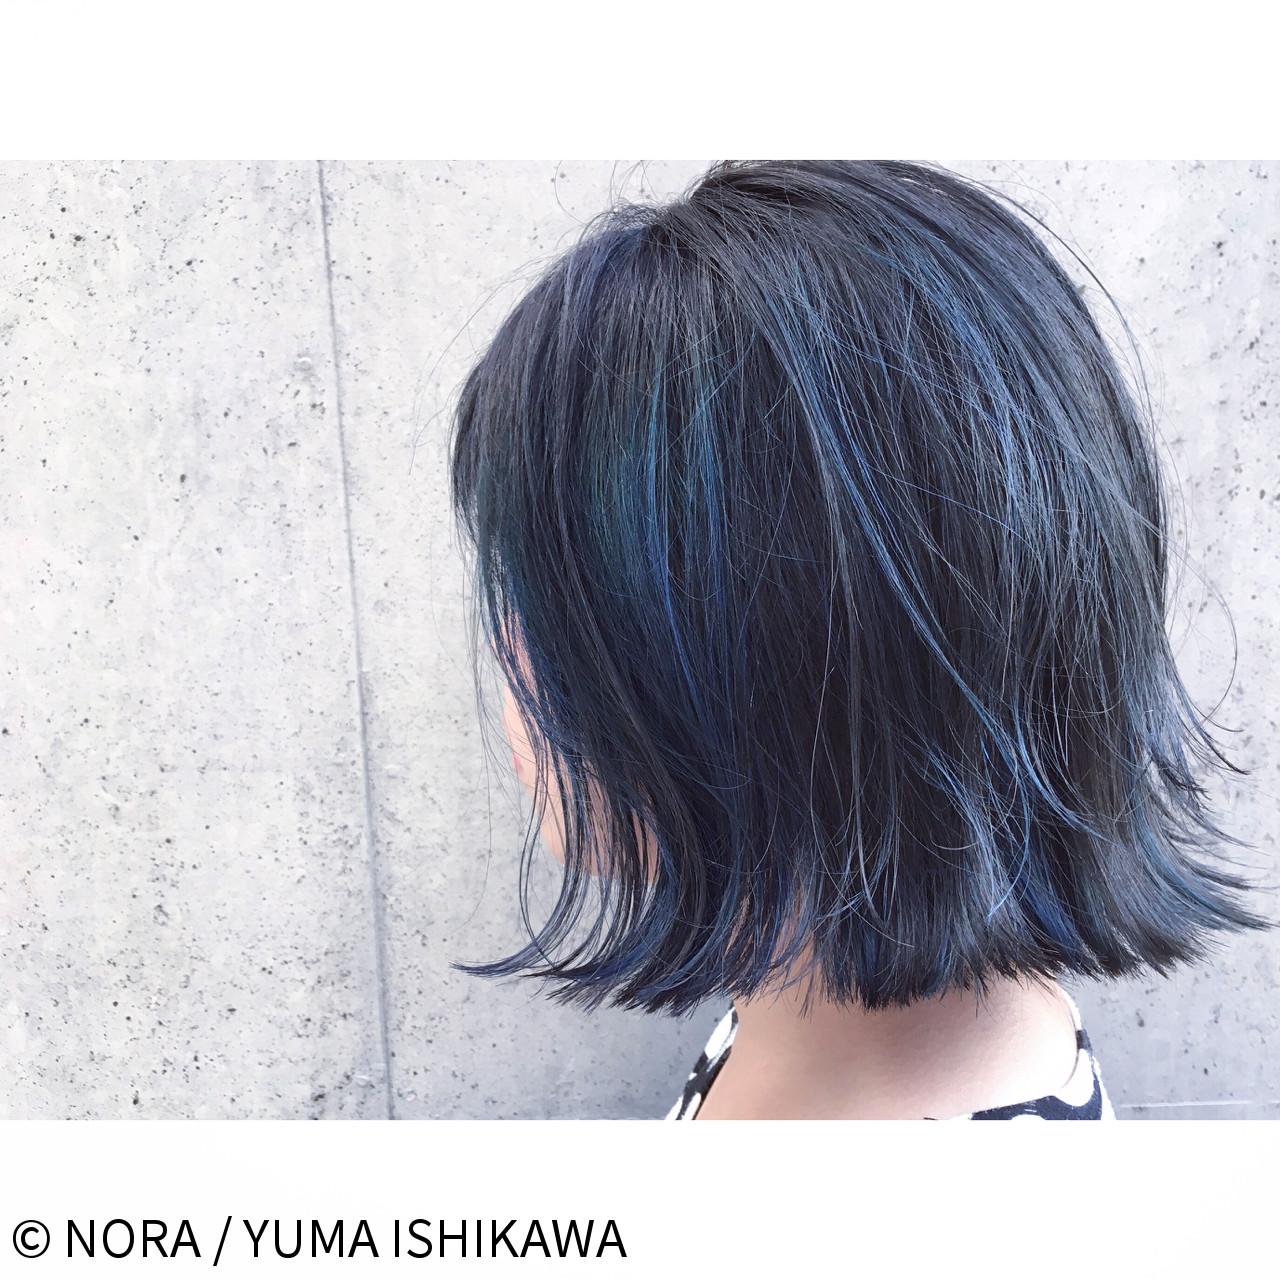 ブルージュ 暗髪 切りっぱなし ストリート ヘアスタイルや髪型の写真・画像 | NORA / YUMA ISHIKAWA / NORA HAIR SALON